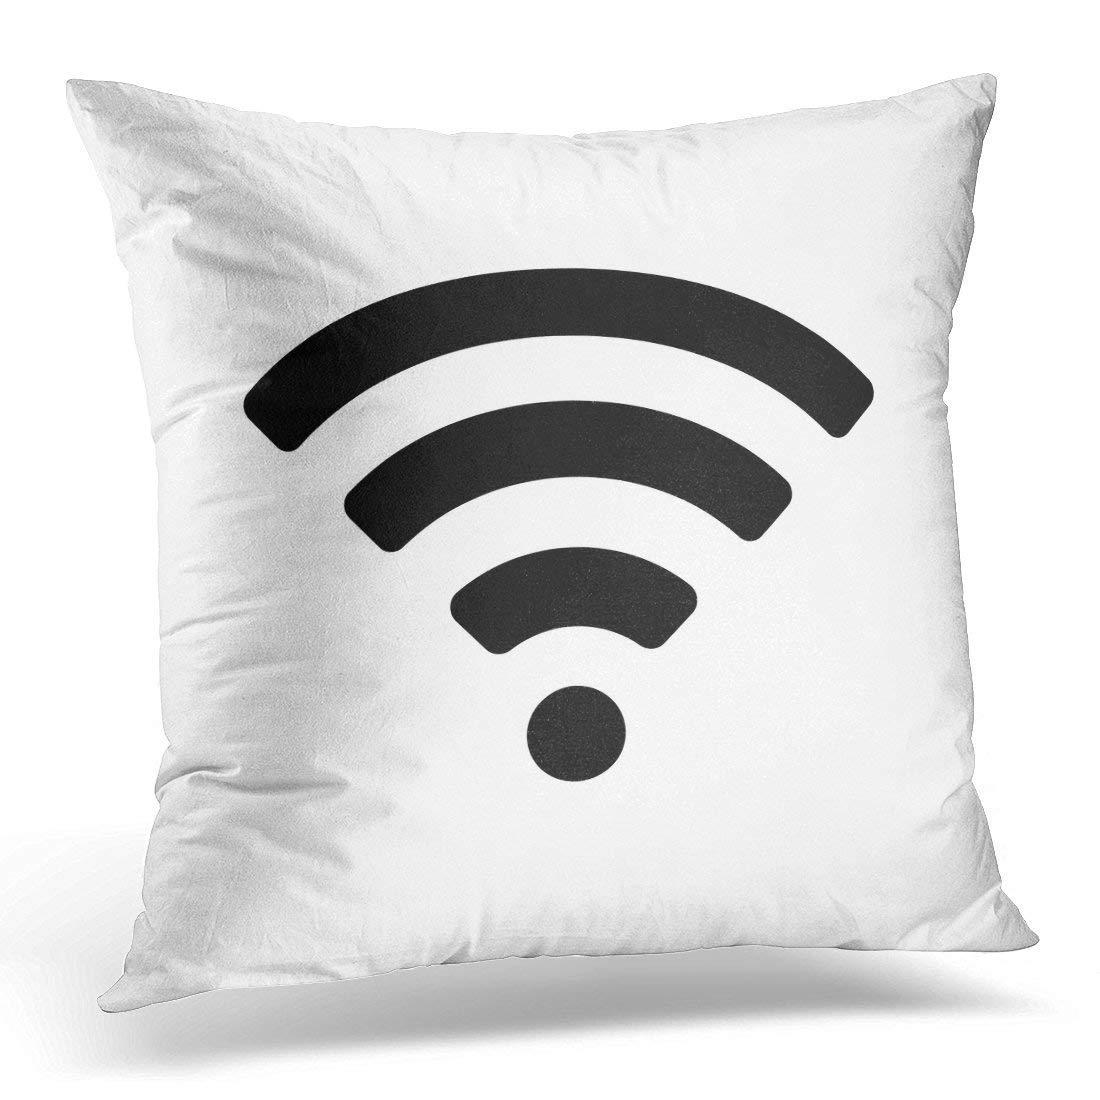 Symbol WiFi Wireless Internet Access Remote Hotspot Decorative Pillow Case Home Decor Square 18x18 Inches 45cm F. Twiggs